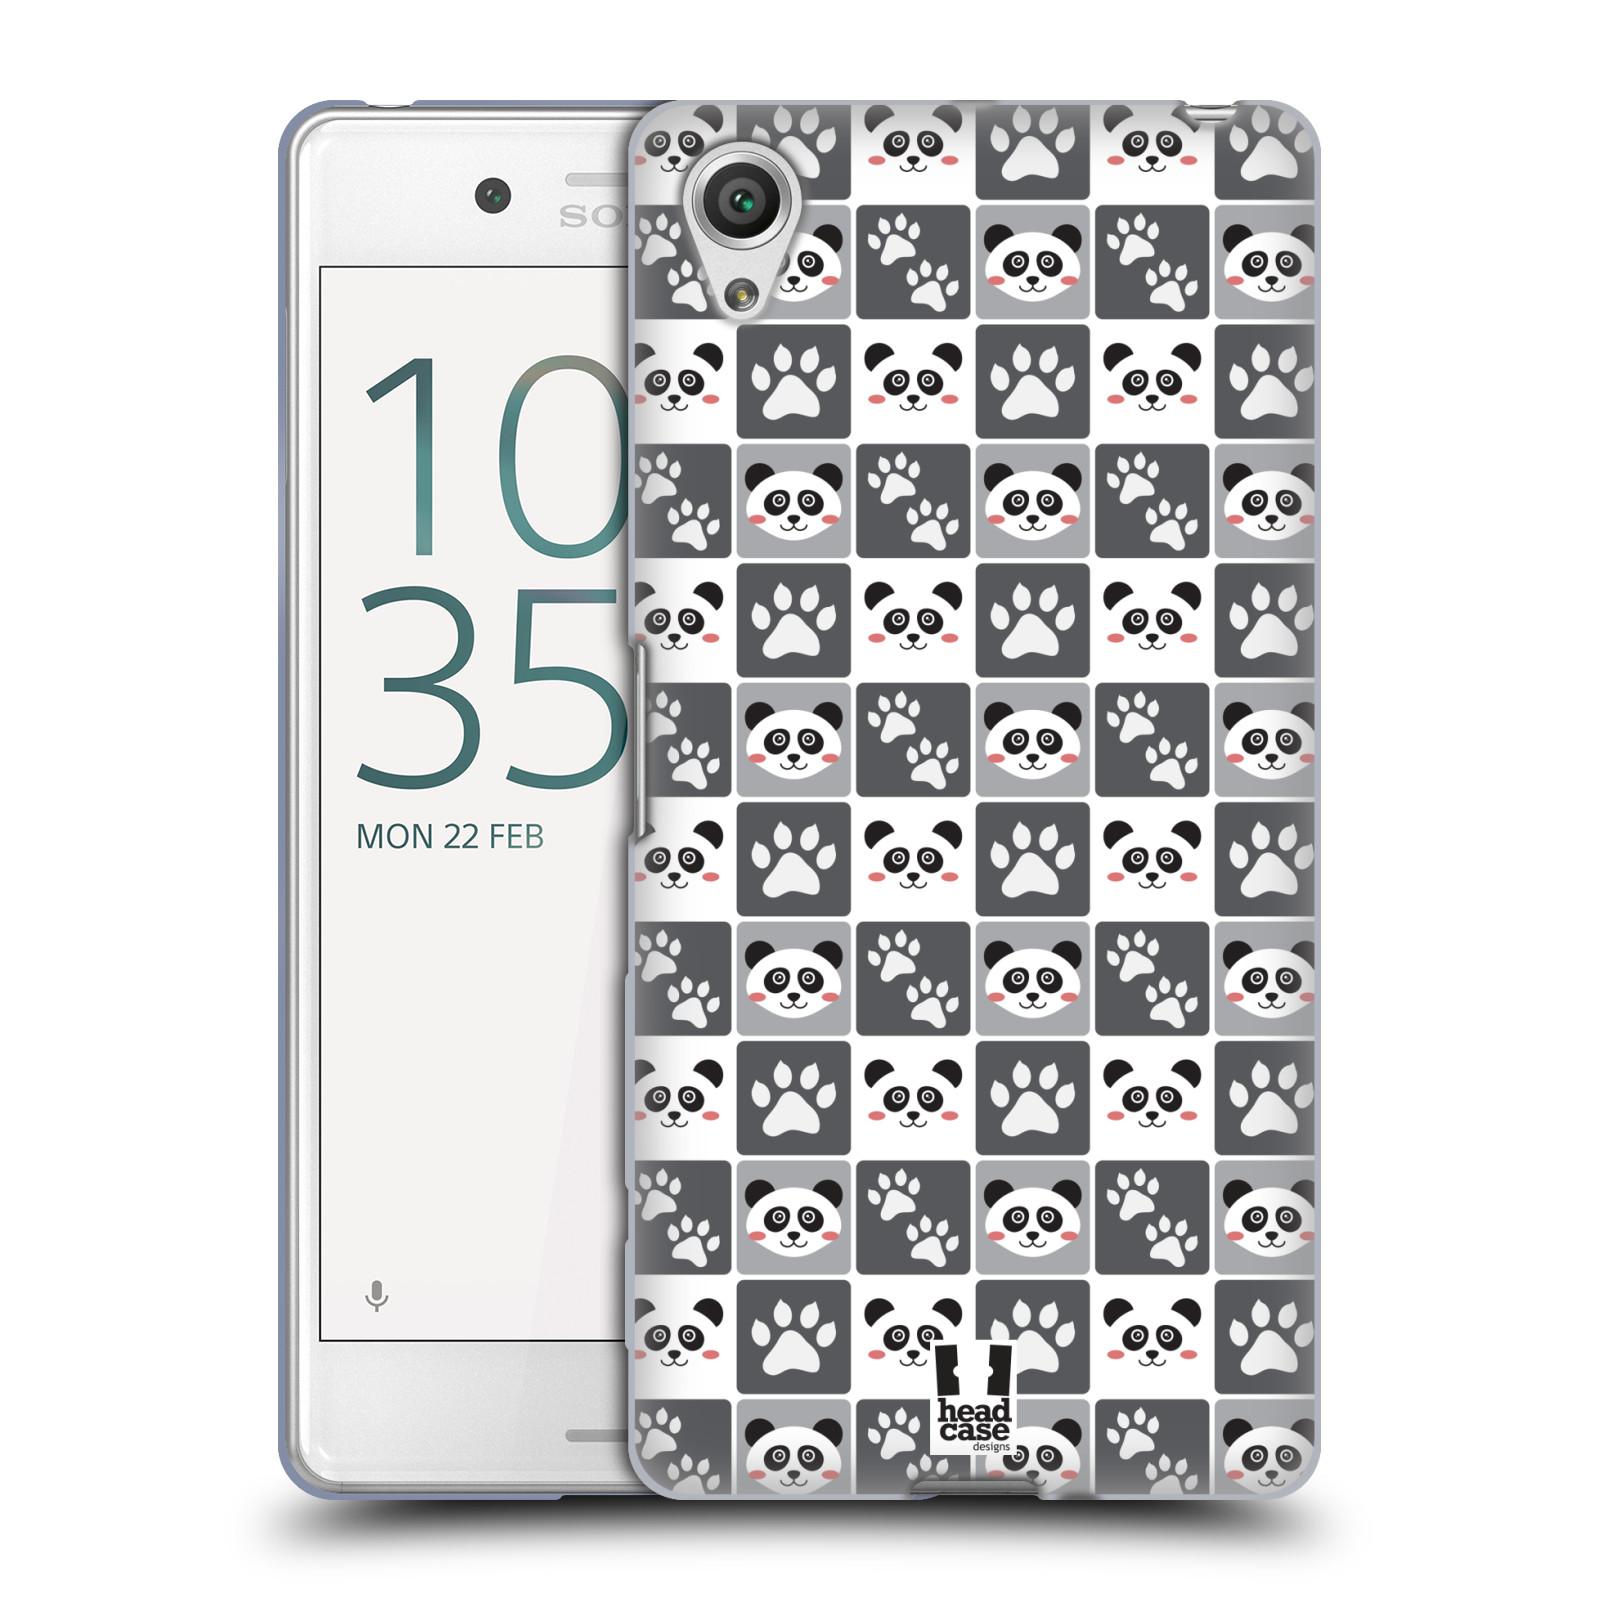 HEAD CASE silikonový obal na mobil Sony Xperia X PERFORMANCE (F8131, F8132) vzor Zvířecí razítka MEDVÍDEK PANDA